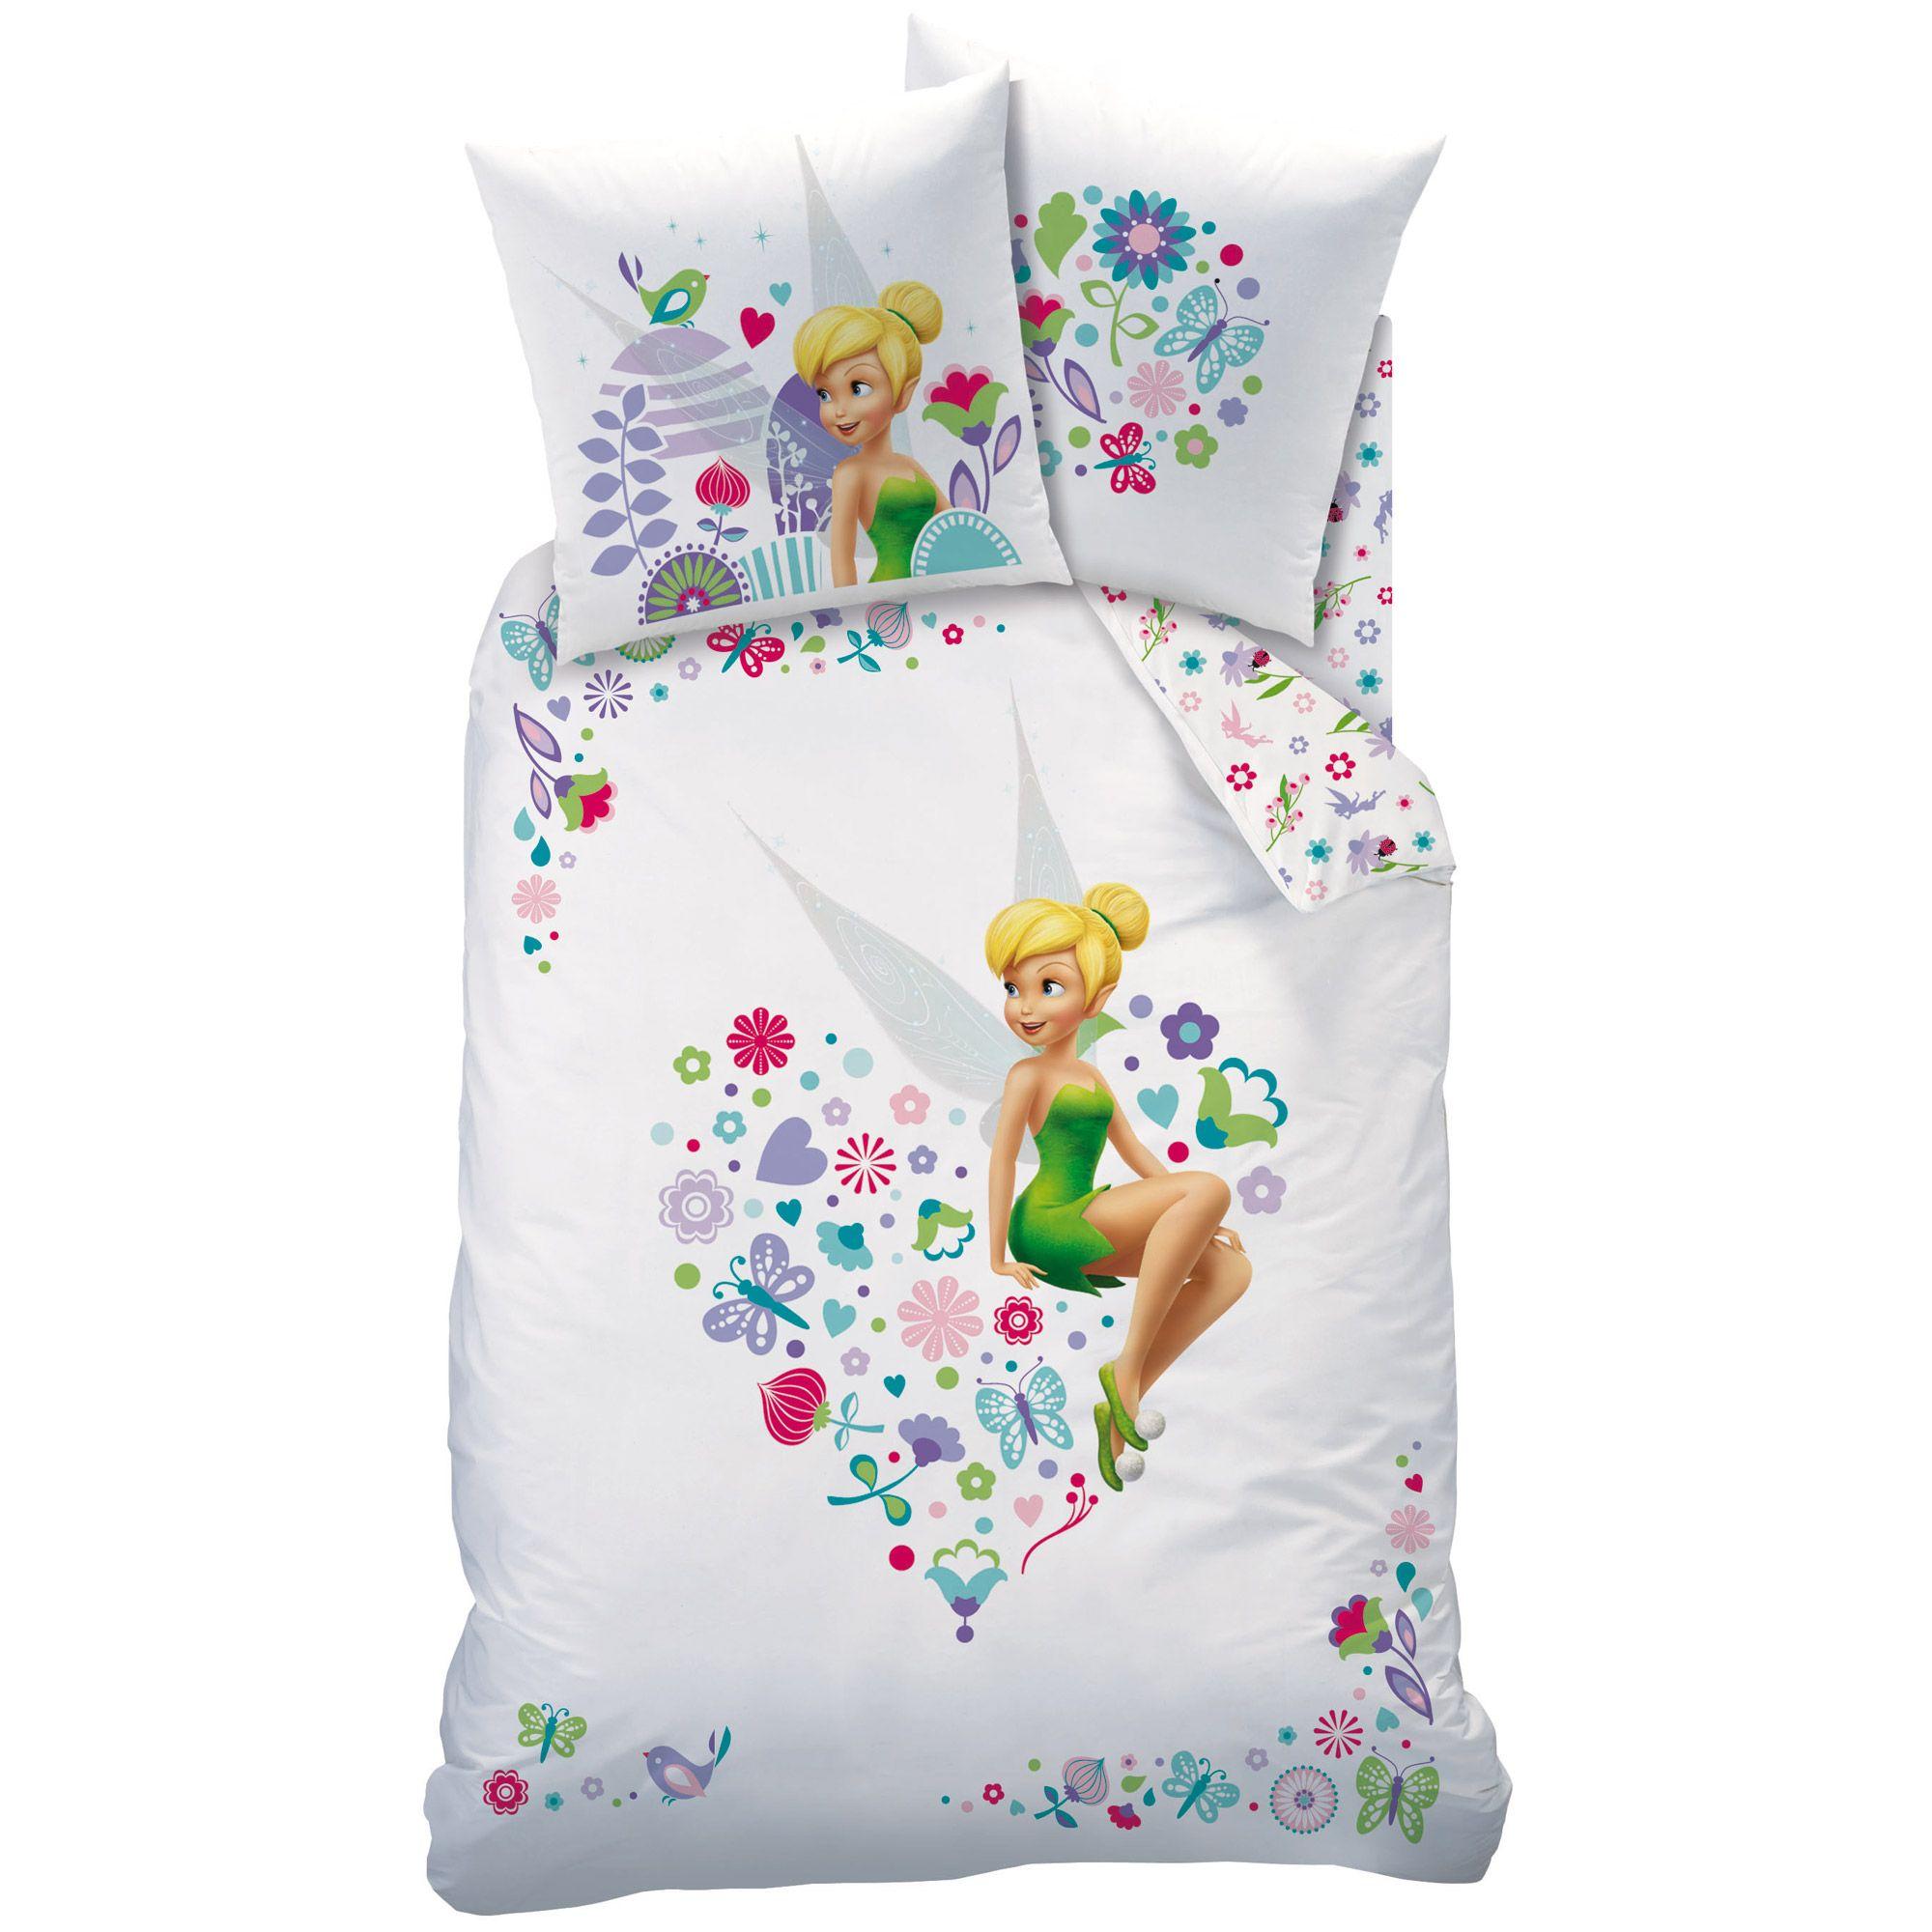 Parure Housse De Couette 140x200cm 100 Coton Taie D Oreiller Fee Clochette Coeur Fairies Disney Disney Comforter 100 Cotton Duvet Covers Tinkerbell Wings